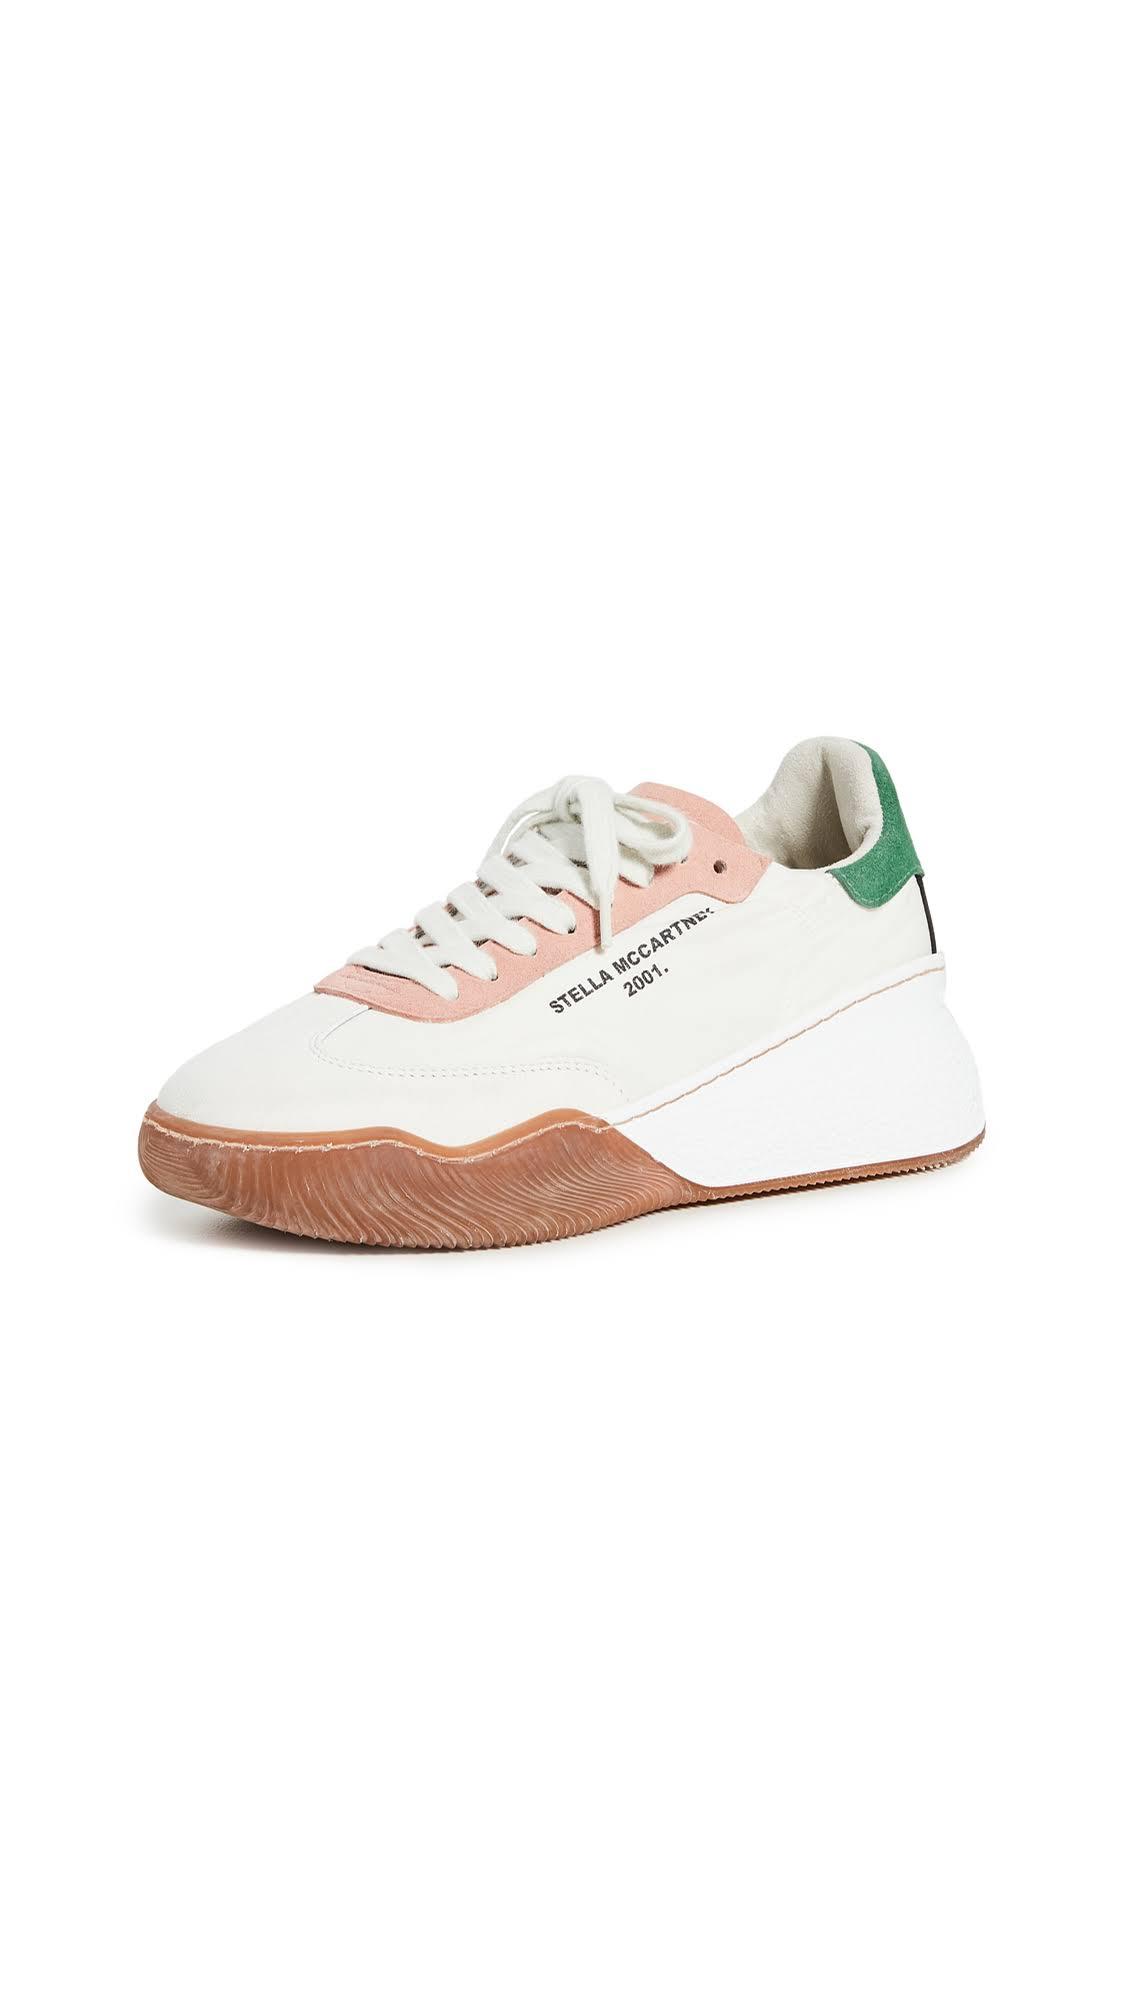 Stella McCartney, Loop Sneakers, Women, Multicoloured, UK 4, sneakers